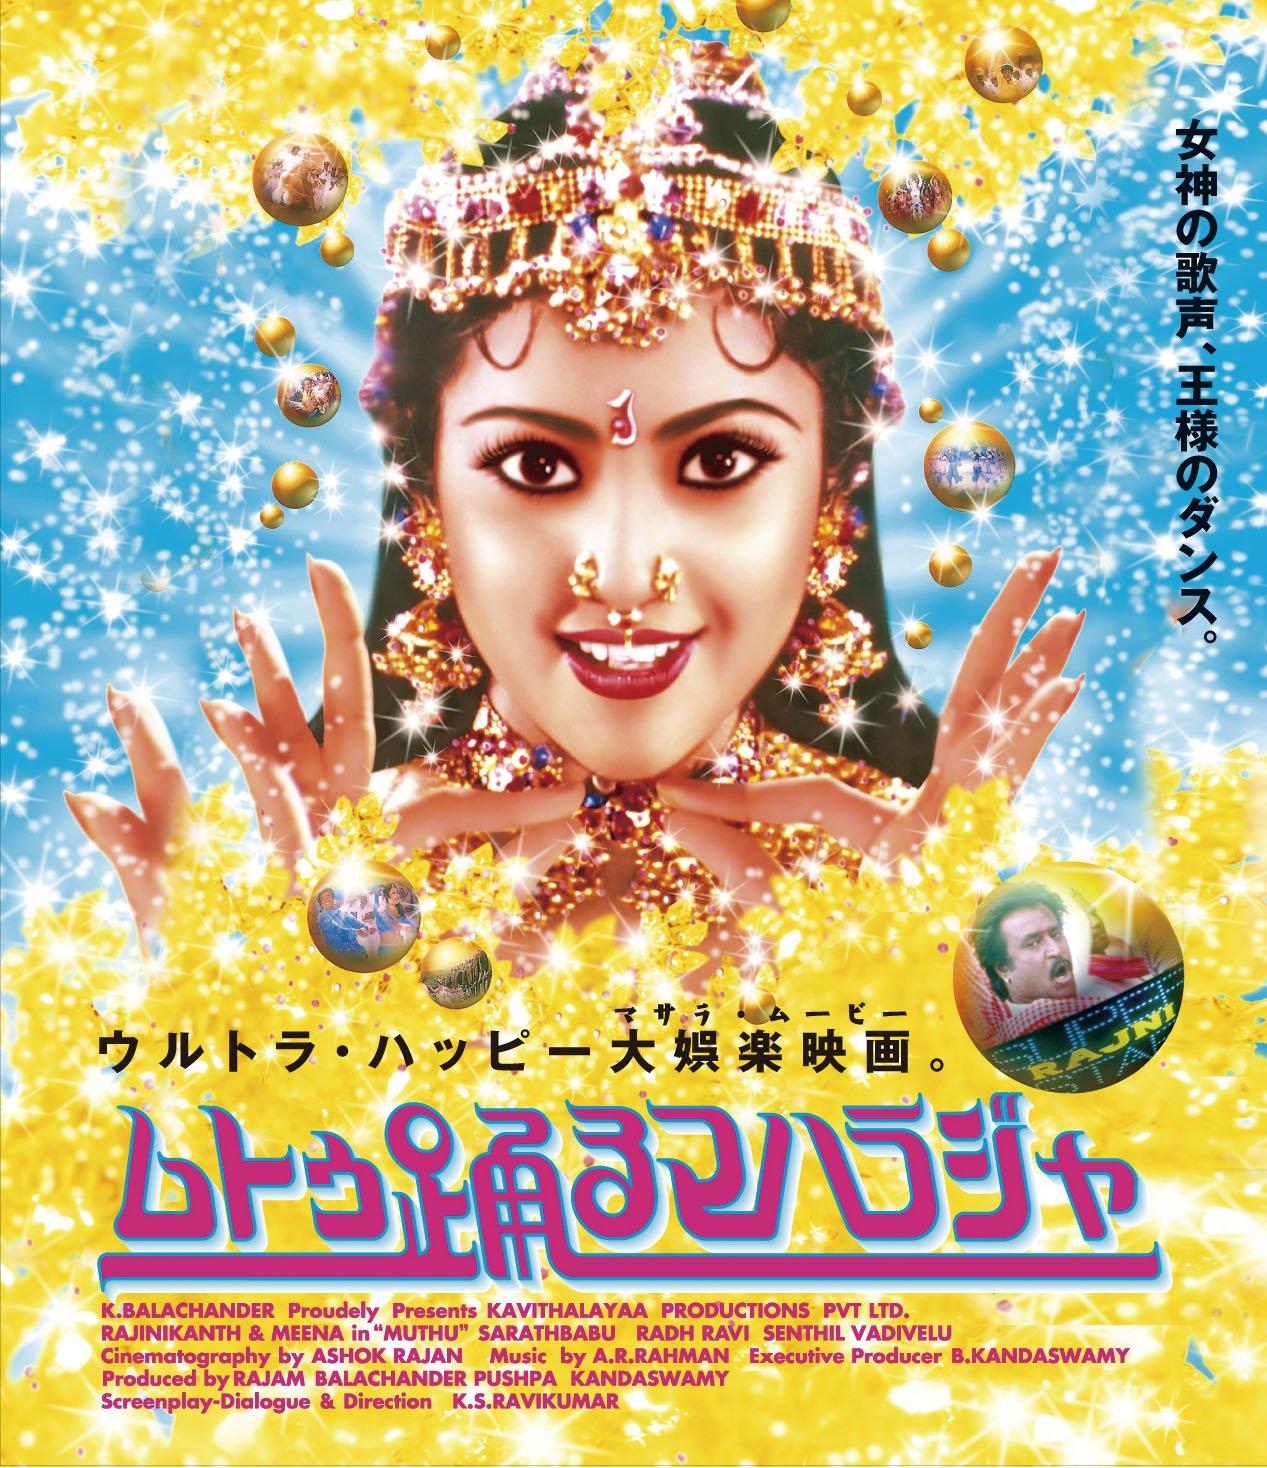 『ムトゥ 踊るマハラジャ』豪華絢爛マサラムービーの魅力!